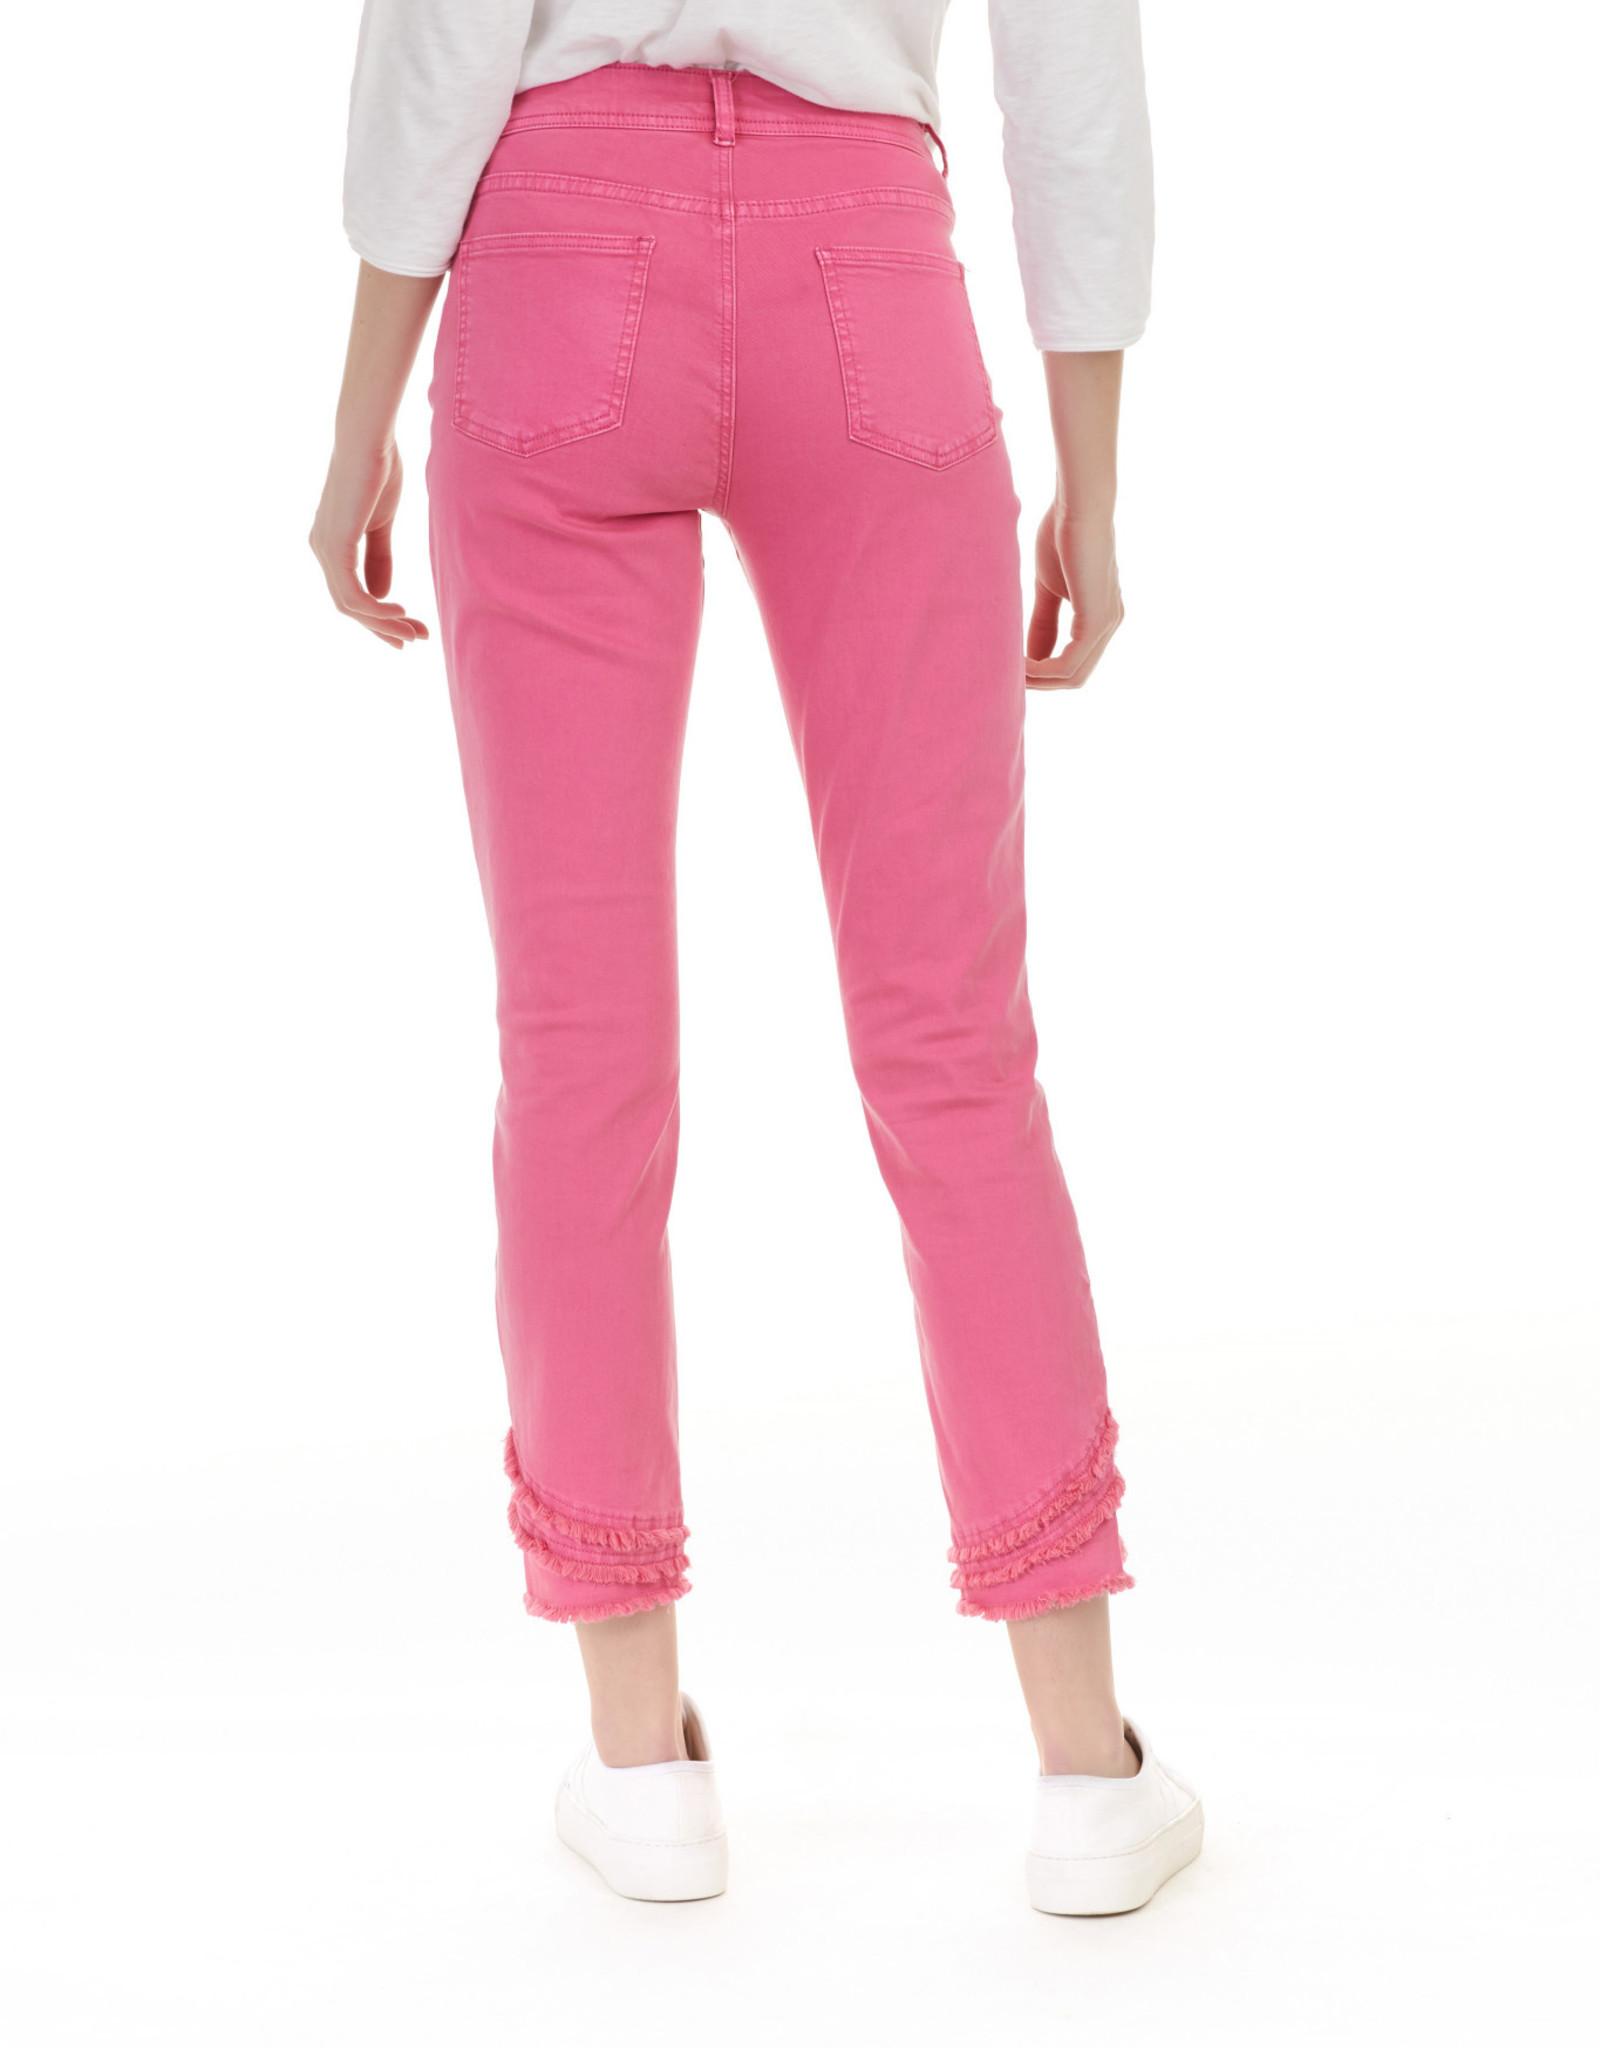 Charlie B C5273 Ripped Hem 5-Pocket Jeans